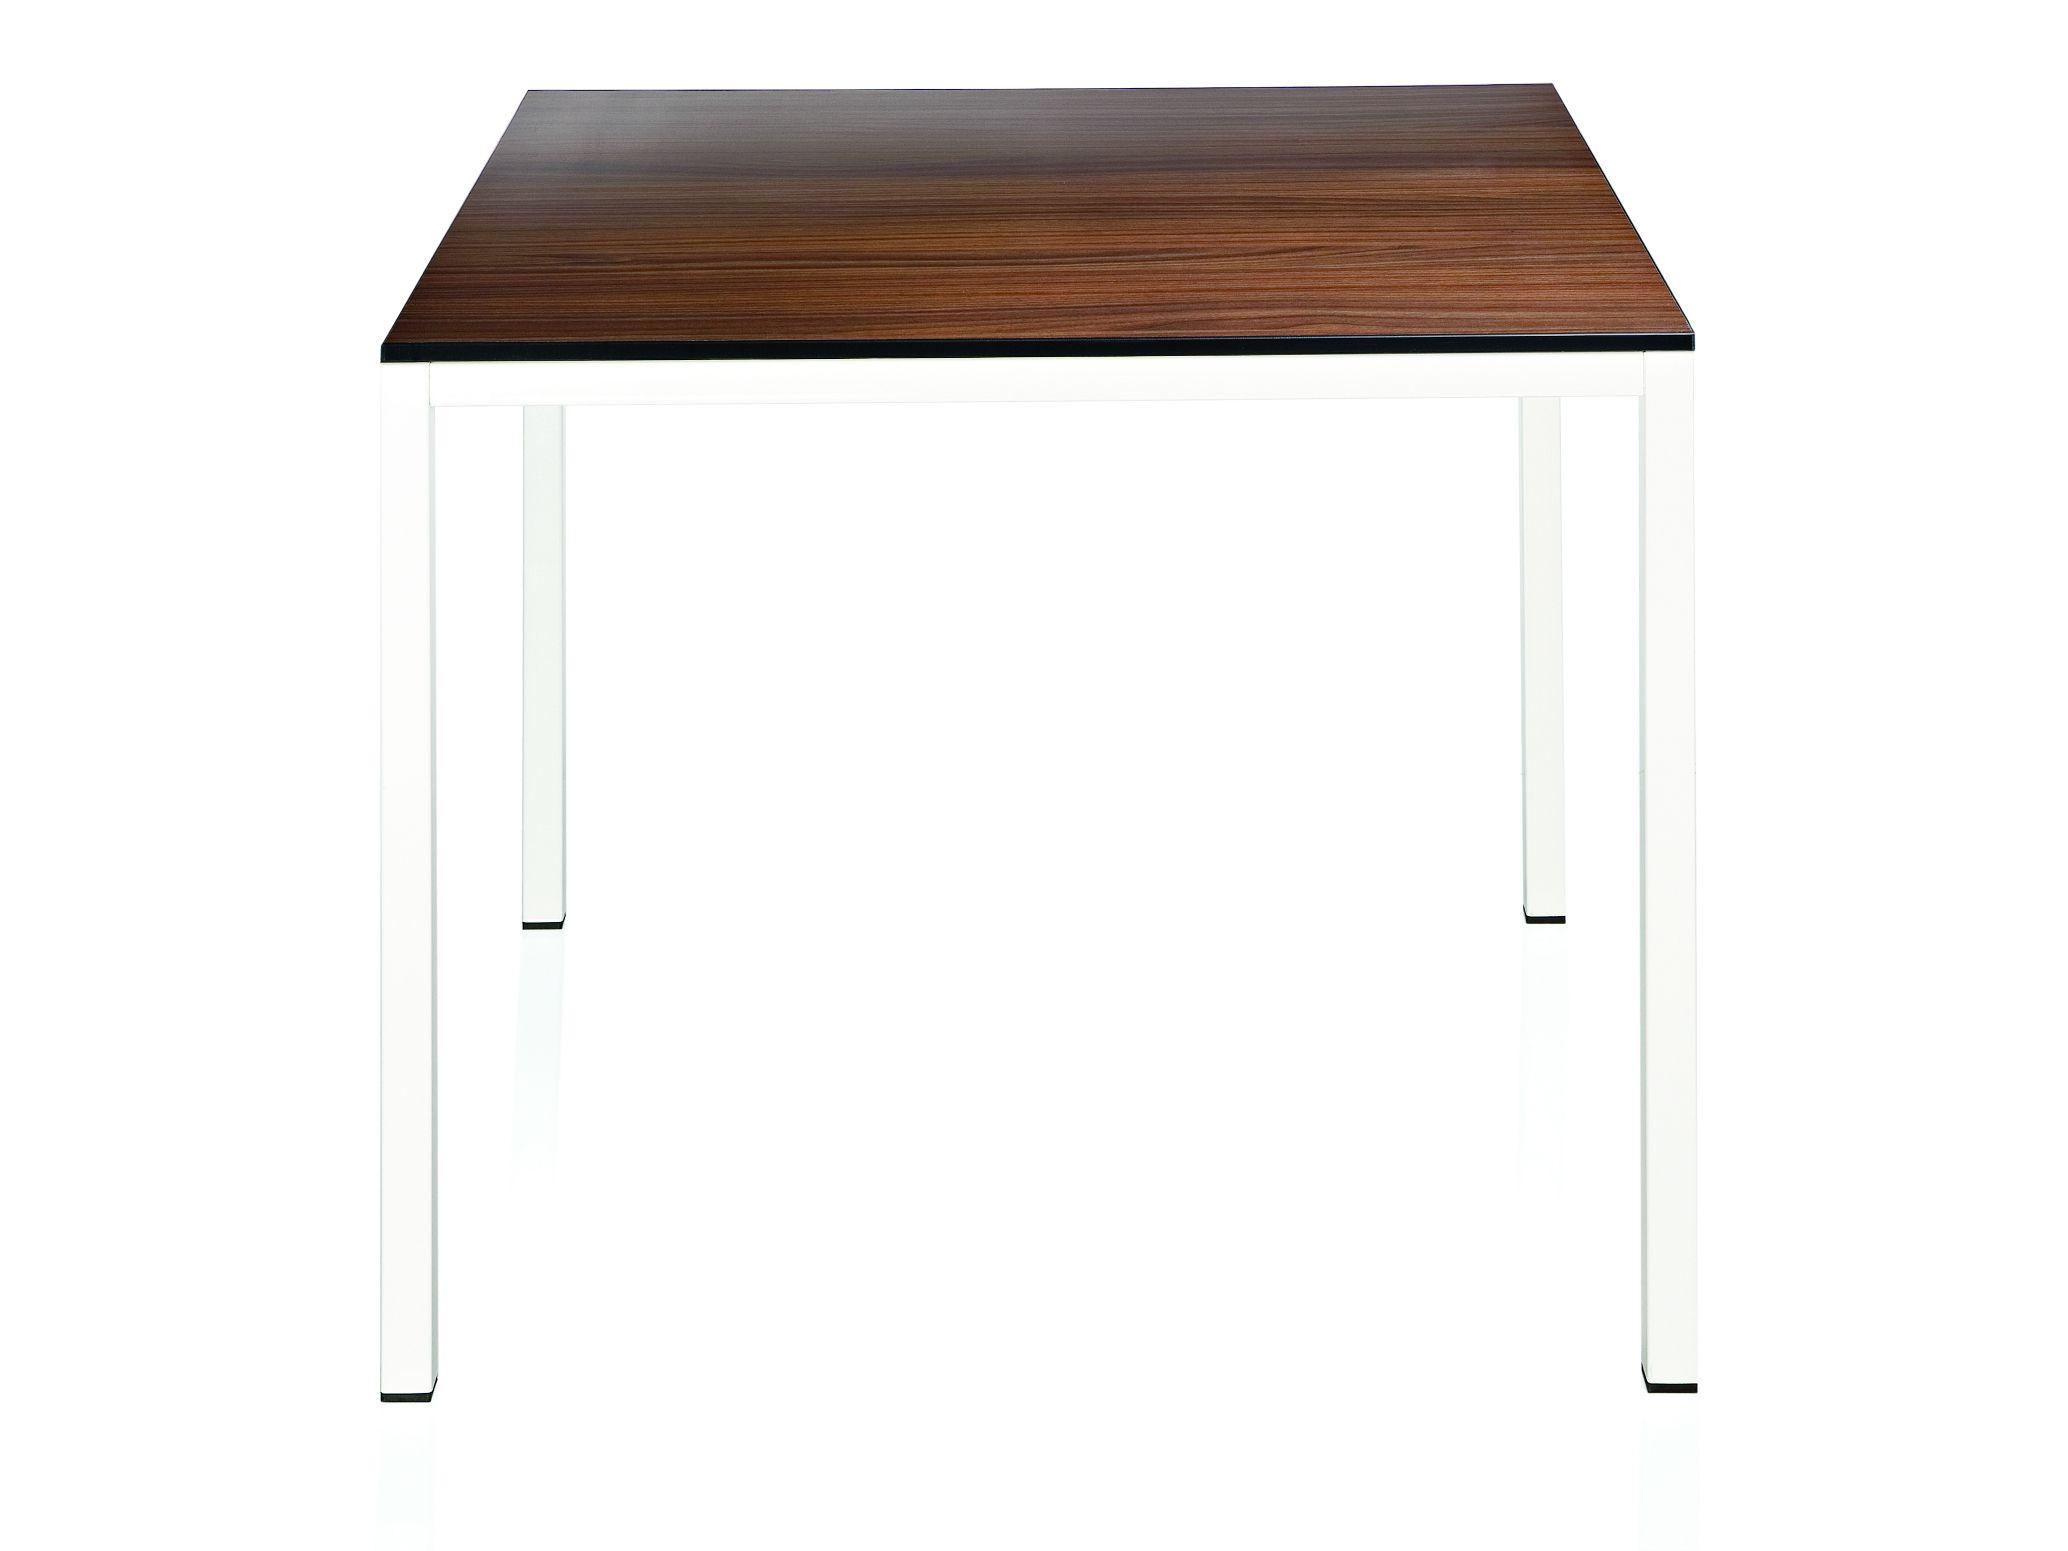 Quadratischer tisch aus laminat kollektion charlie by alma for Design stuhl charly